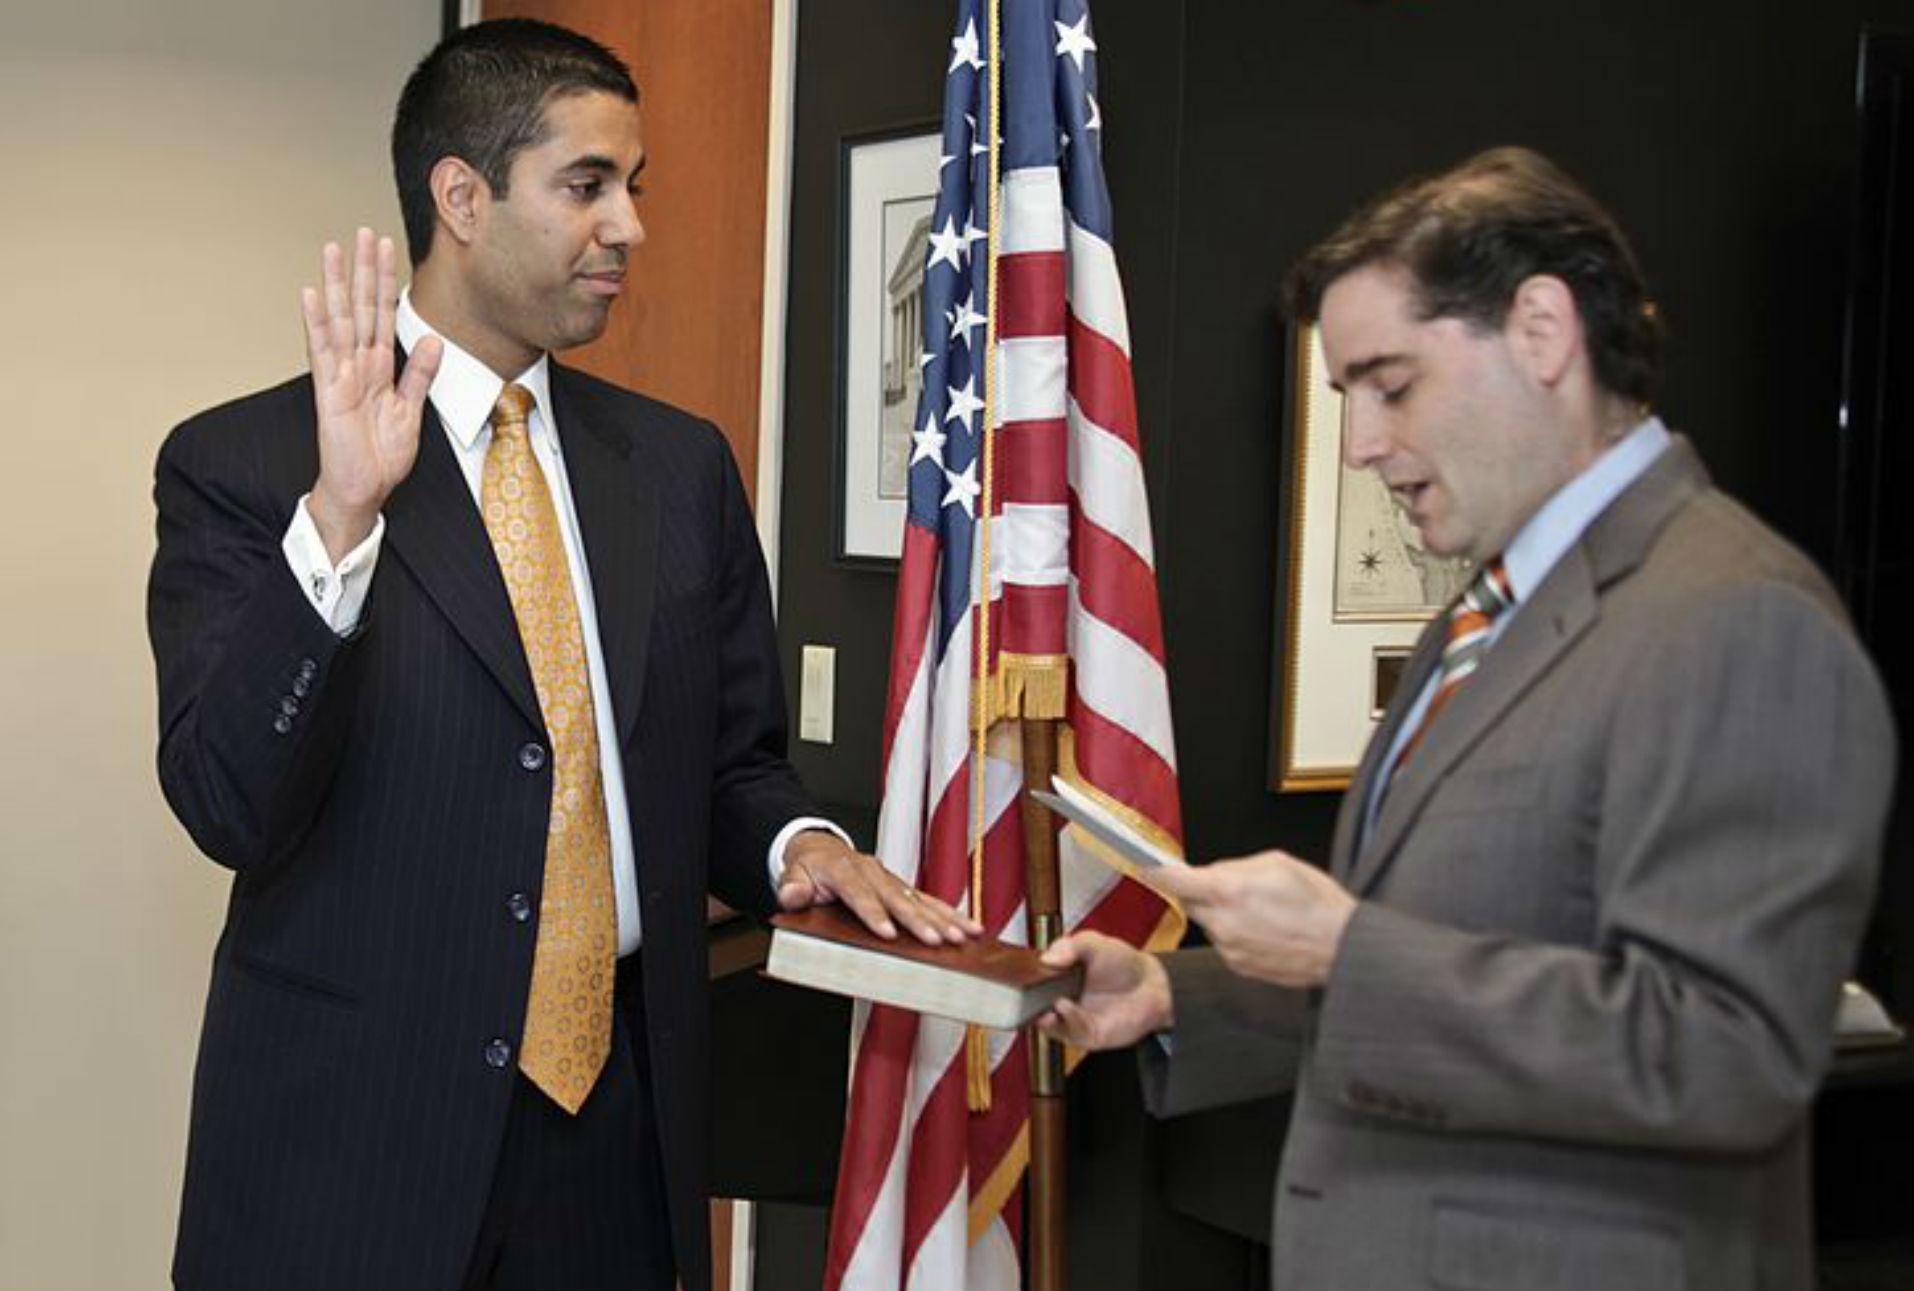 El nuevo presidente de la FCC inicia su ataque contra la neutralidad de la red